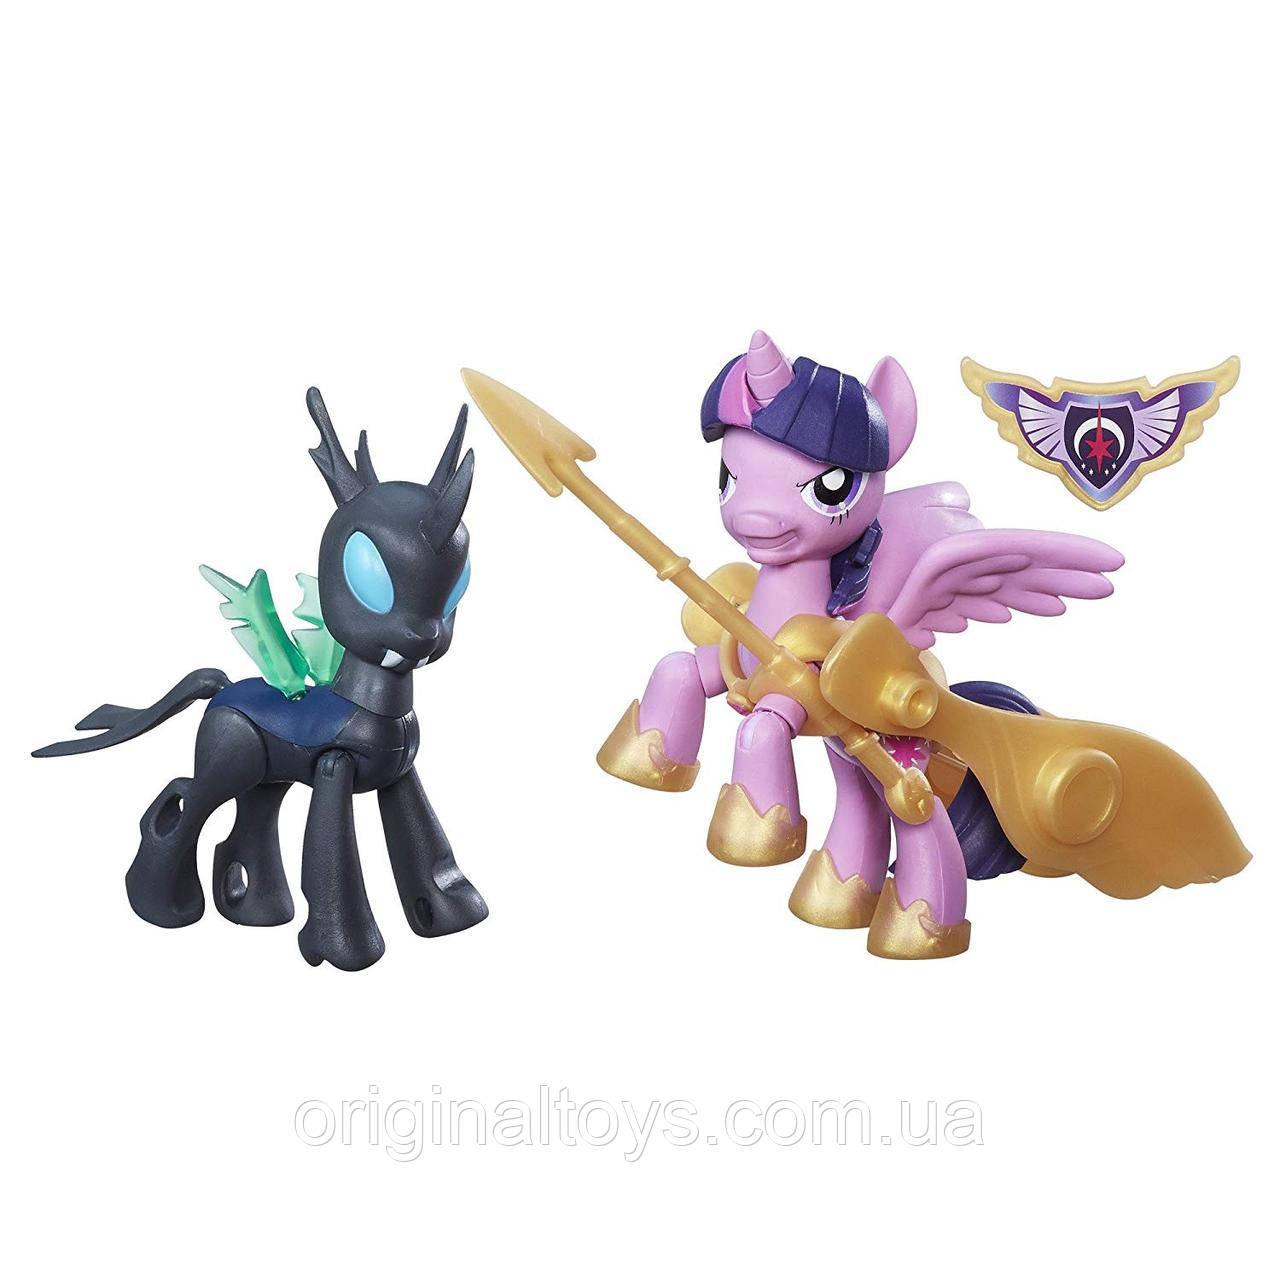 Фигурка My Little Pony Твайлайт Спаркл и Чейнджлинг Стражи гармонии Guardians of Harmony